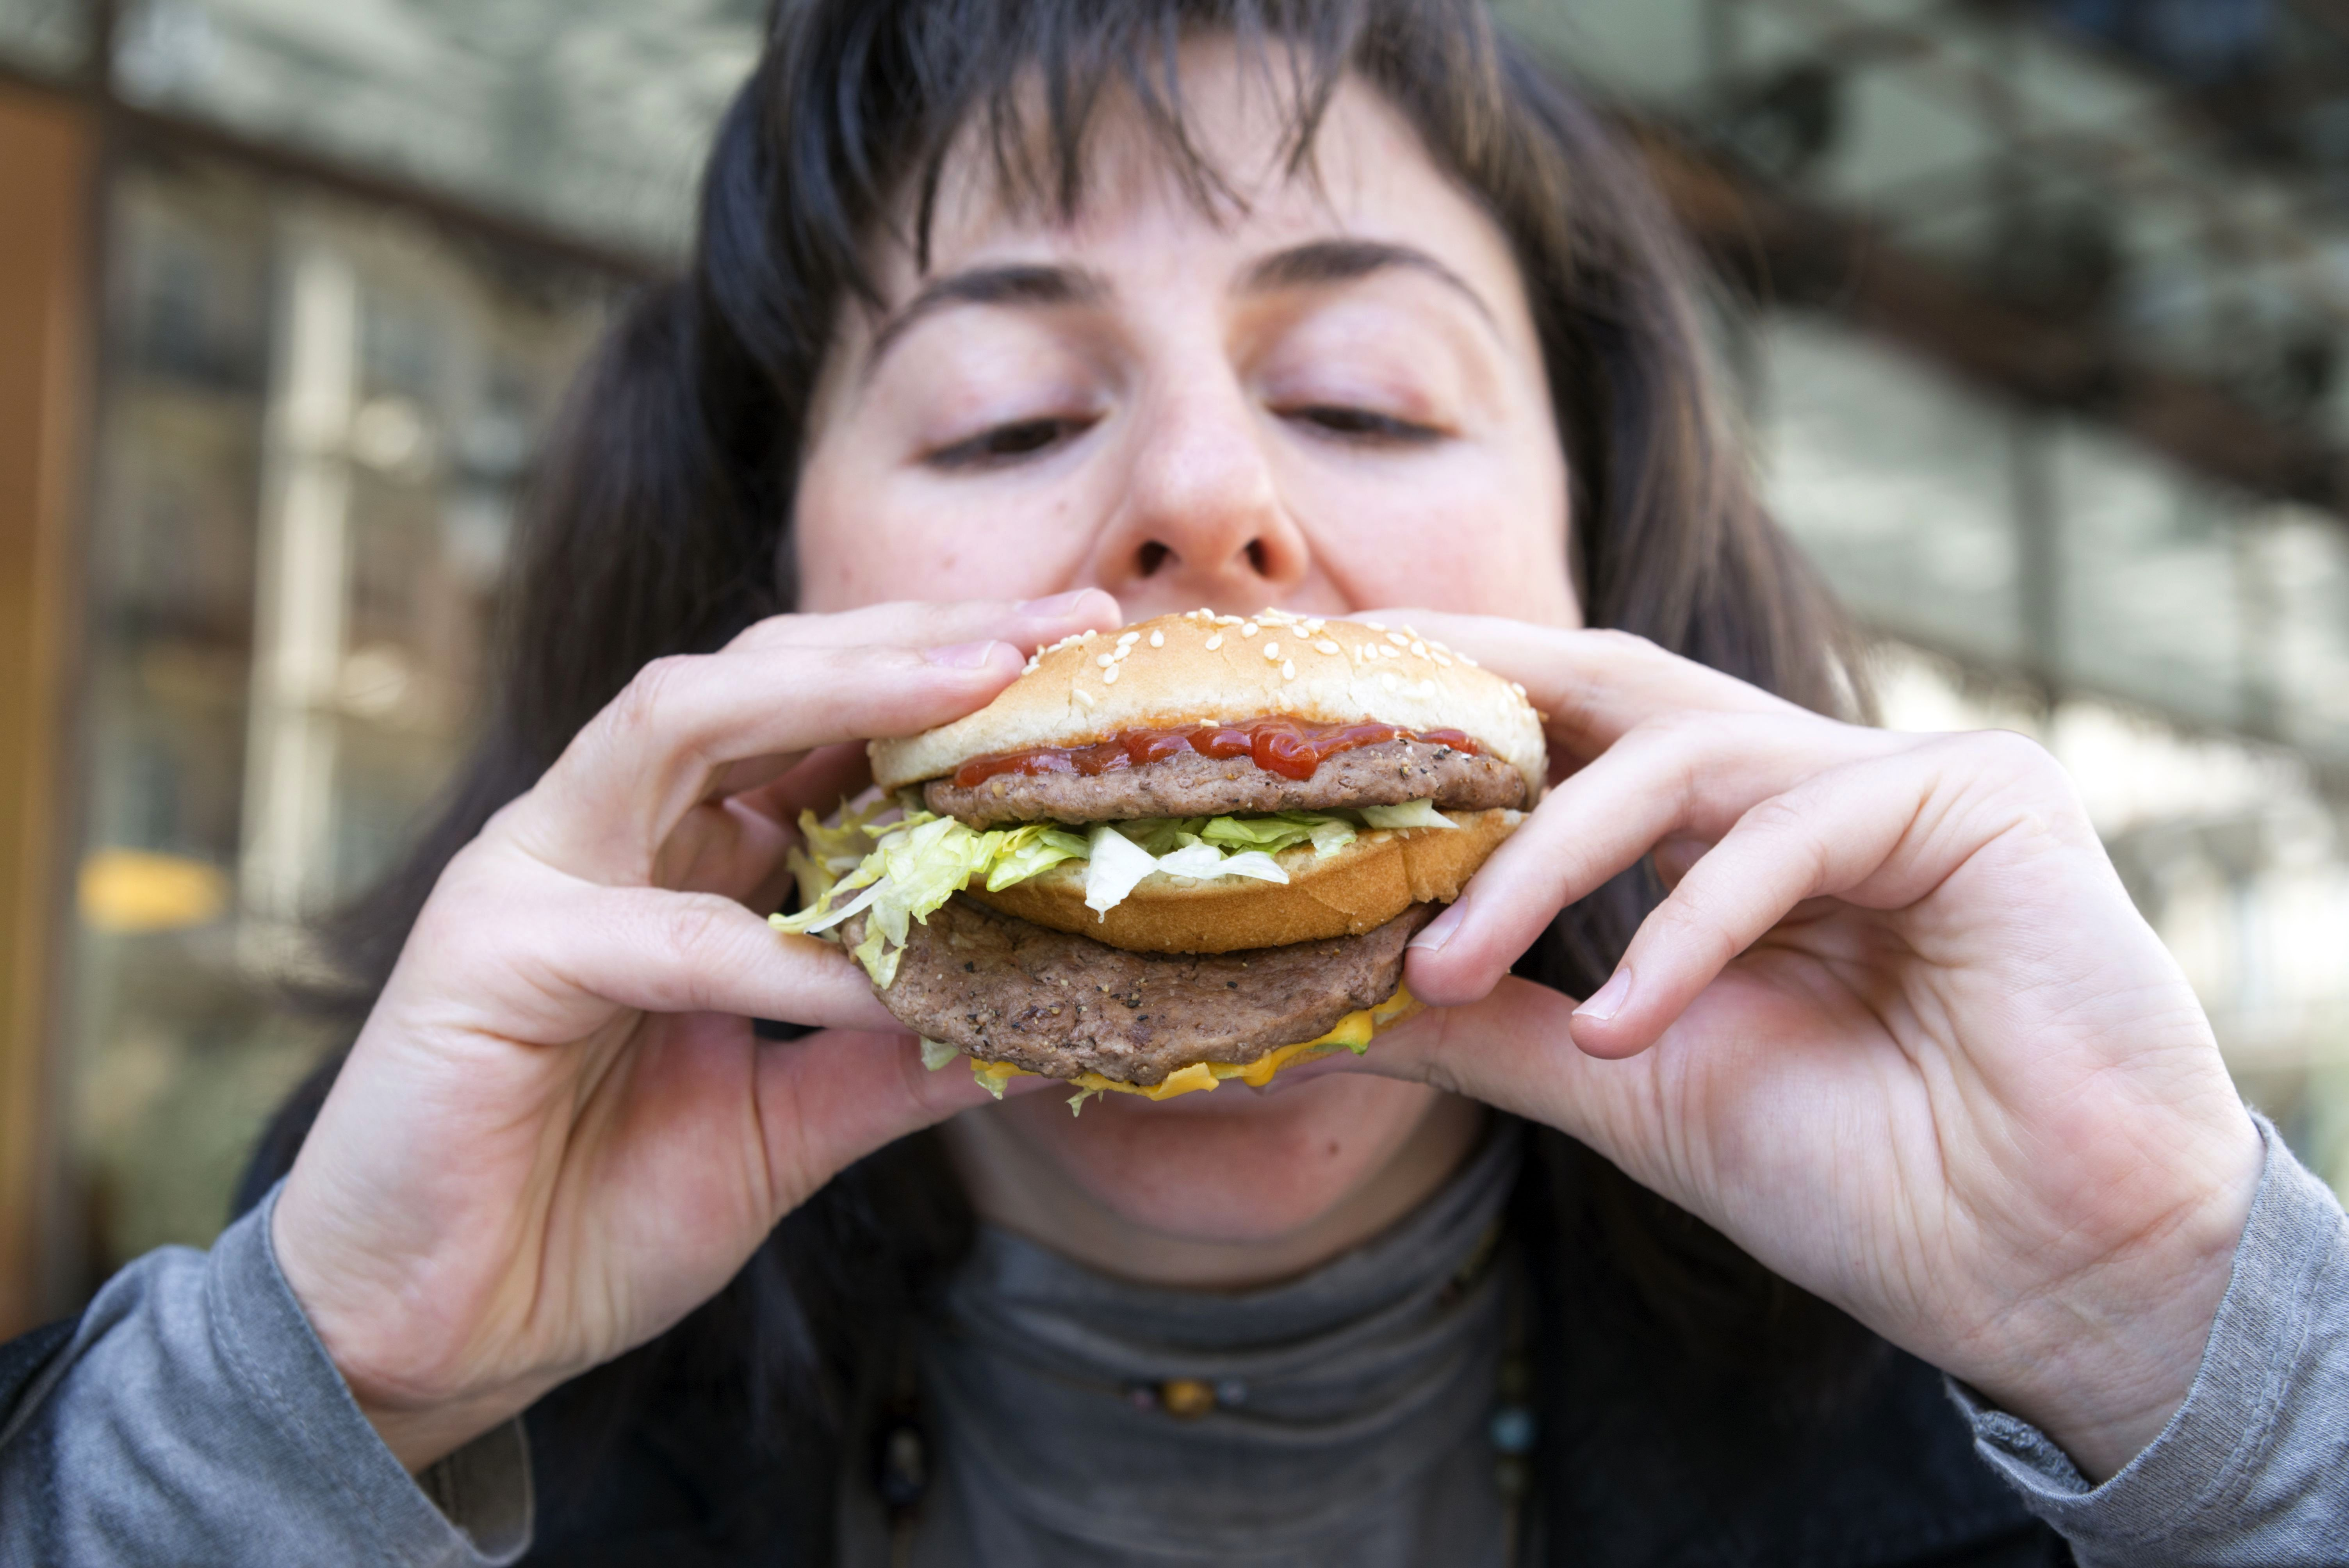 Päevas süüakse ära miljoneid McDonald'si burgereid. Allikas: Vidapress